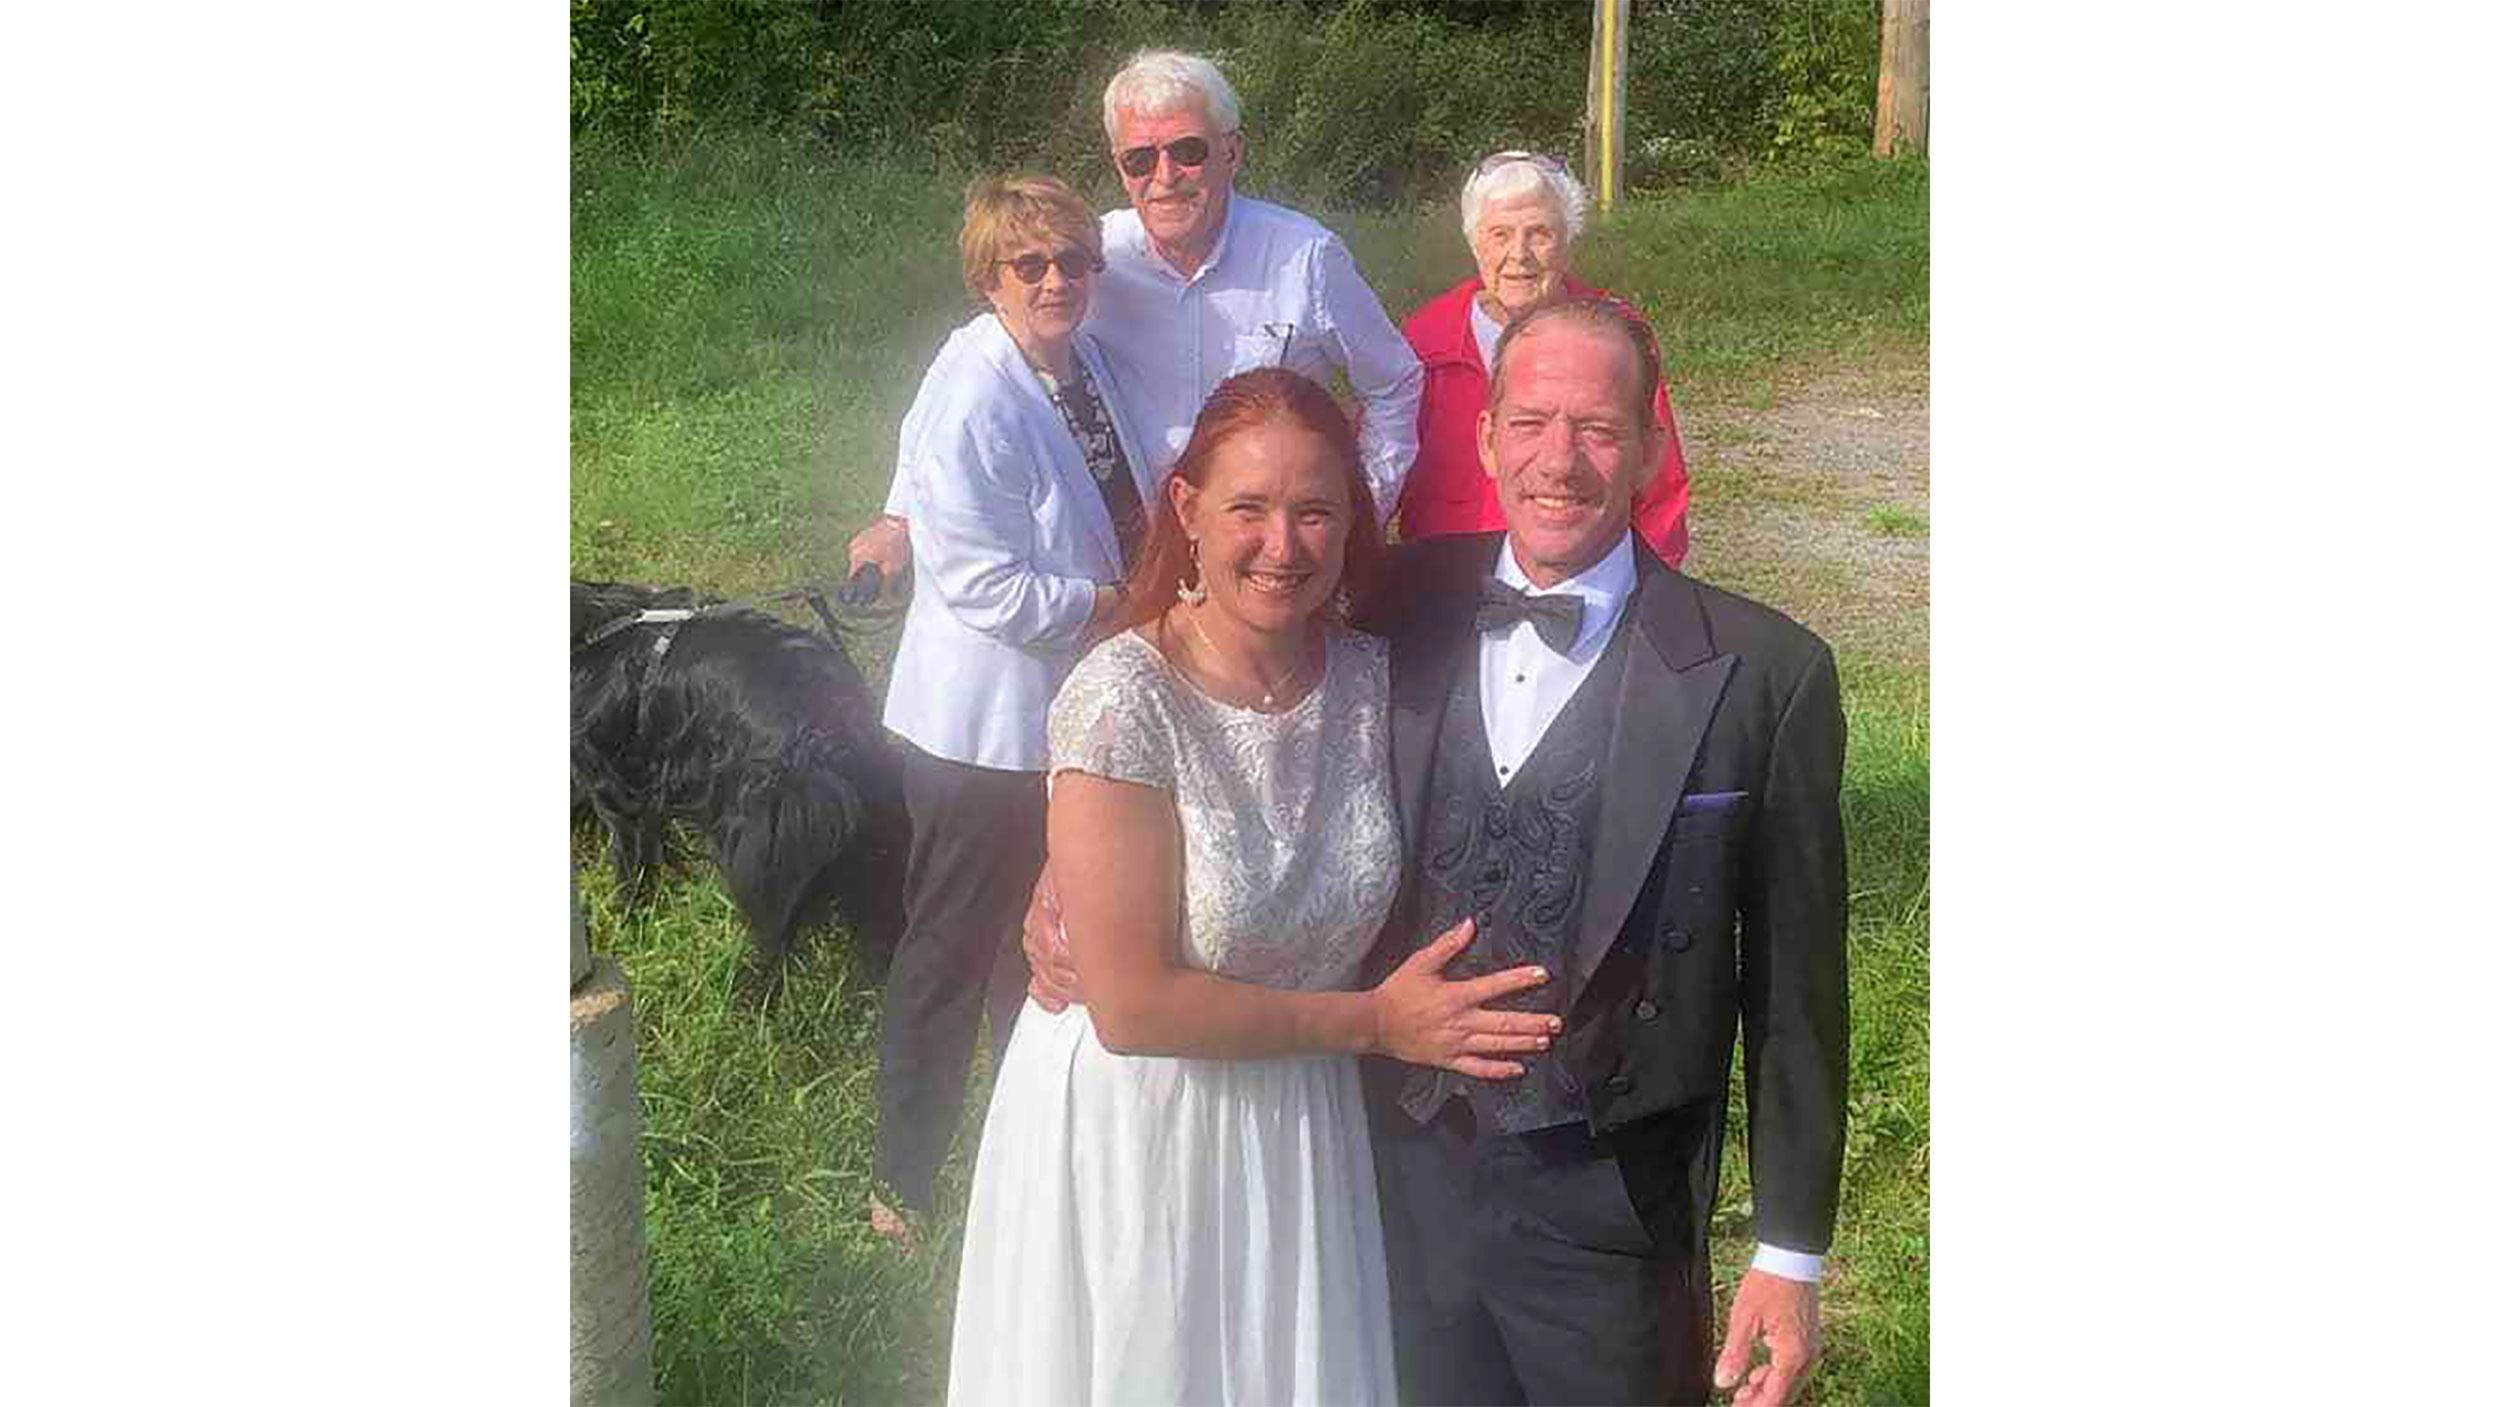 Brian Ray e Karen Mahoney, do lado norte-americano da fronteira, tiram foto com a família dela ao fundo, no lado canadense